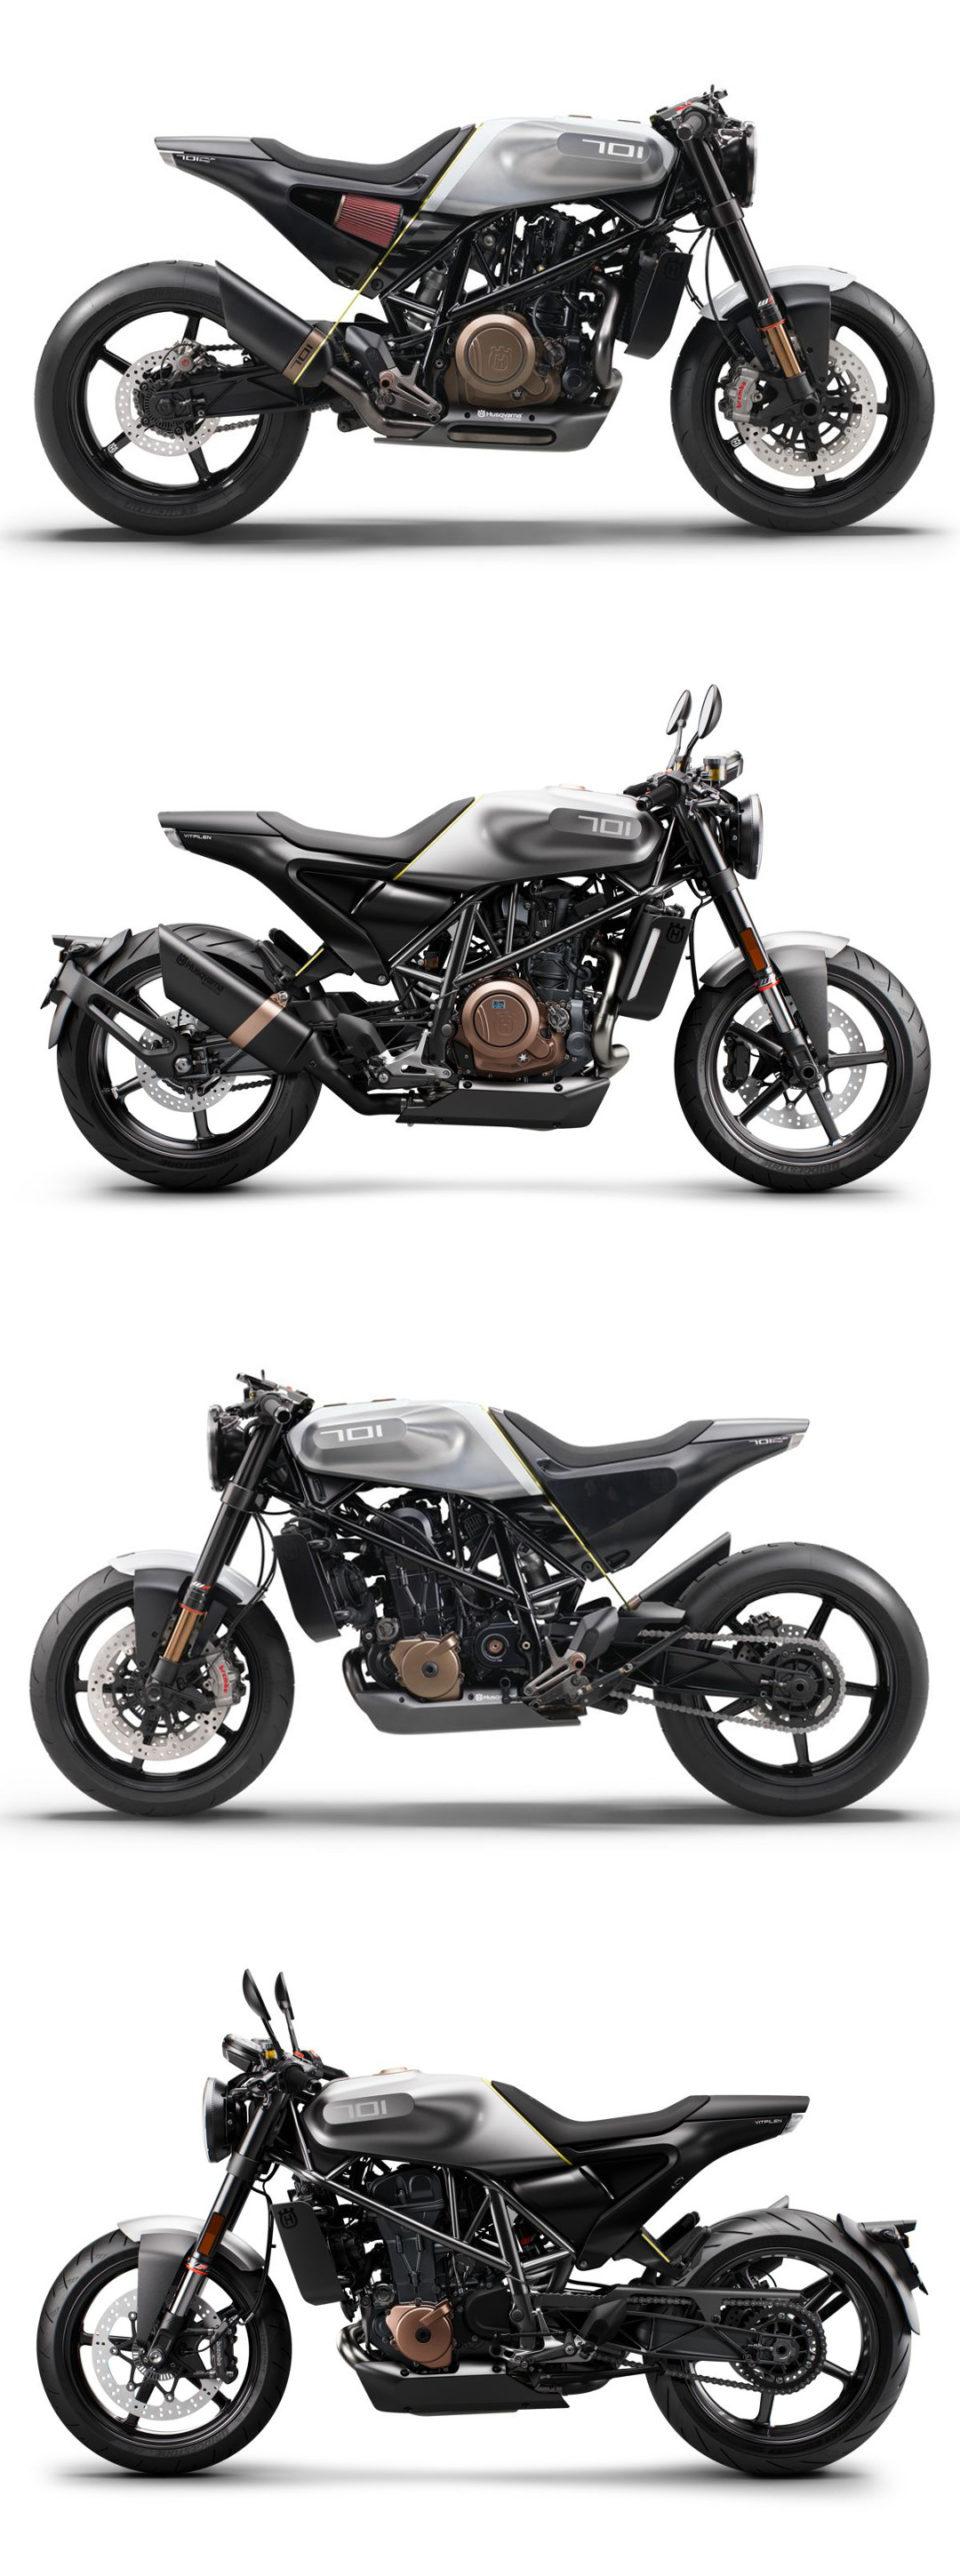 Vitpilen 701 Concept vs. Production